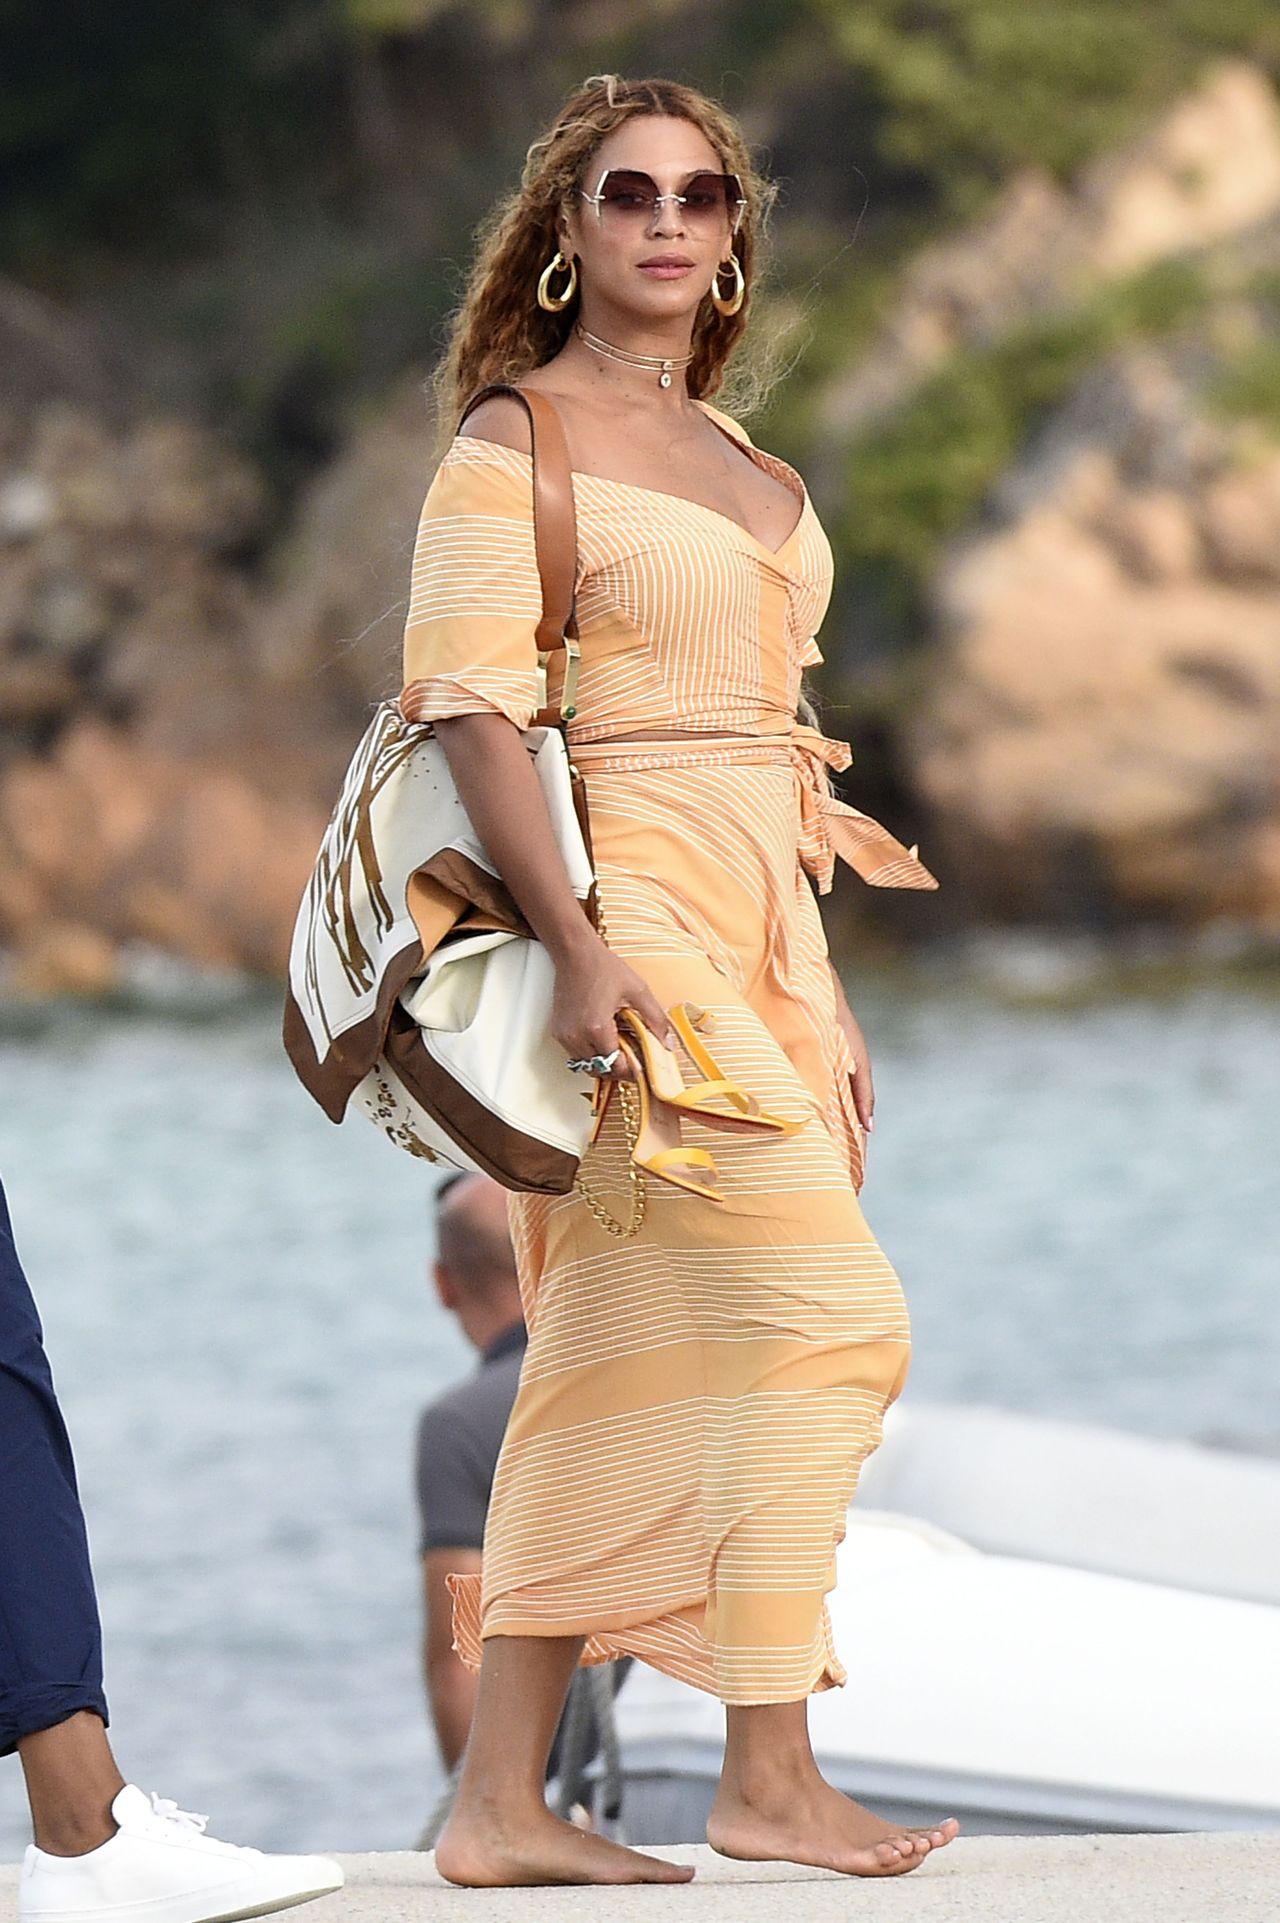 Biała suknia Beyonce, w której odnawiała przysięgę małżeńską, robi furorę